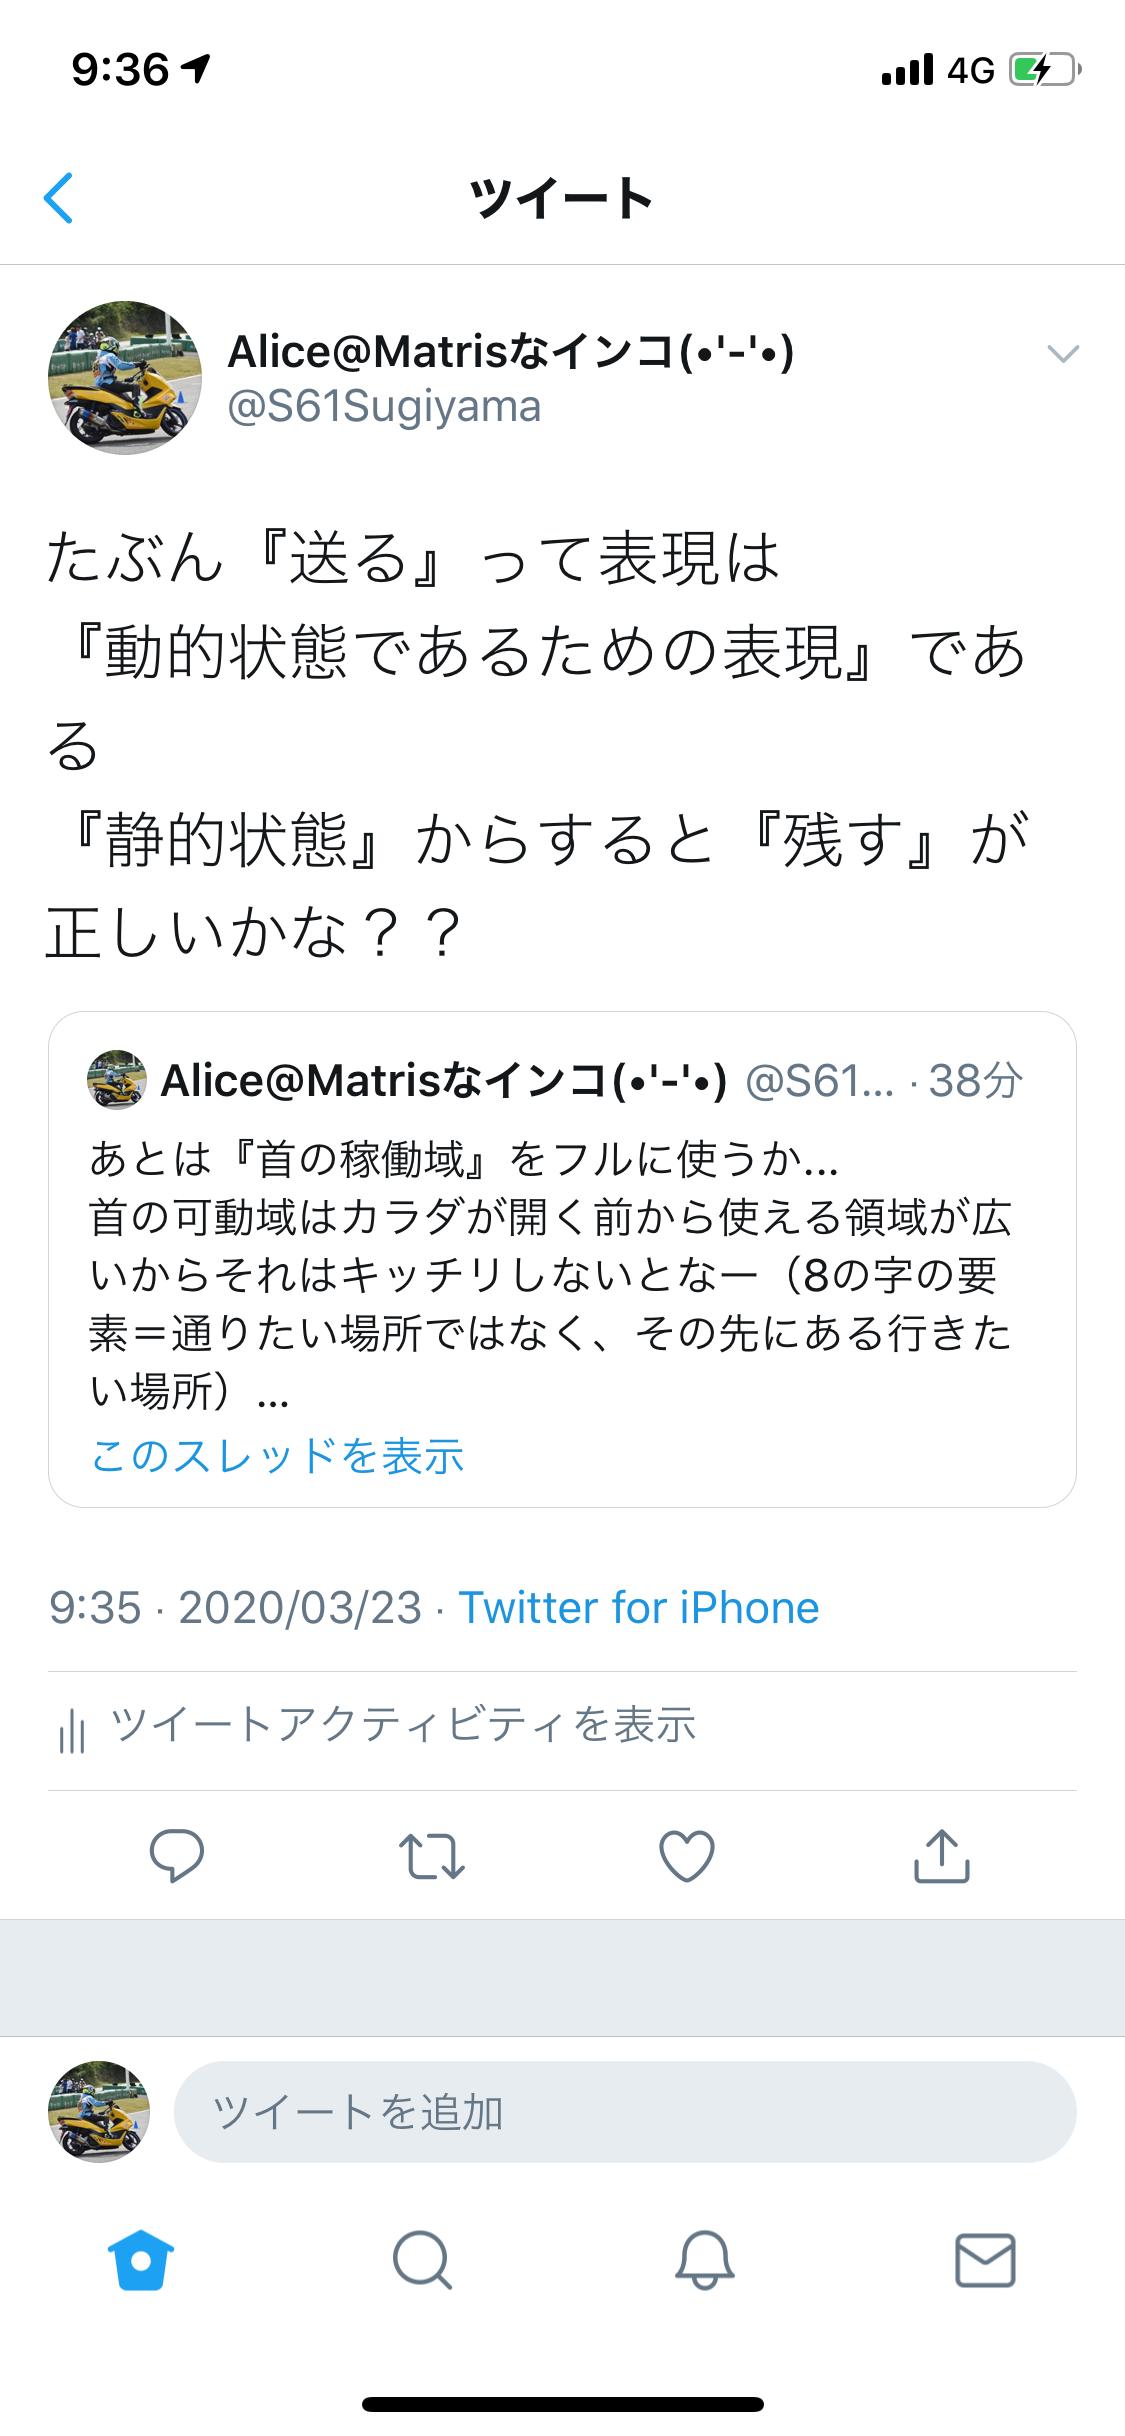 f:id:m-sugiyama-s61:20200328190014p:plain